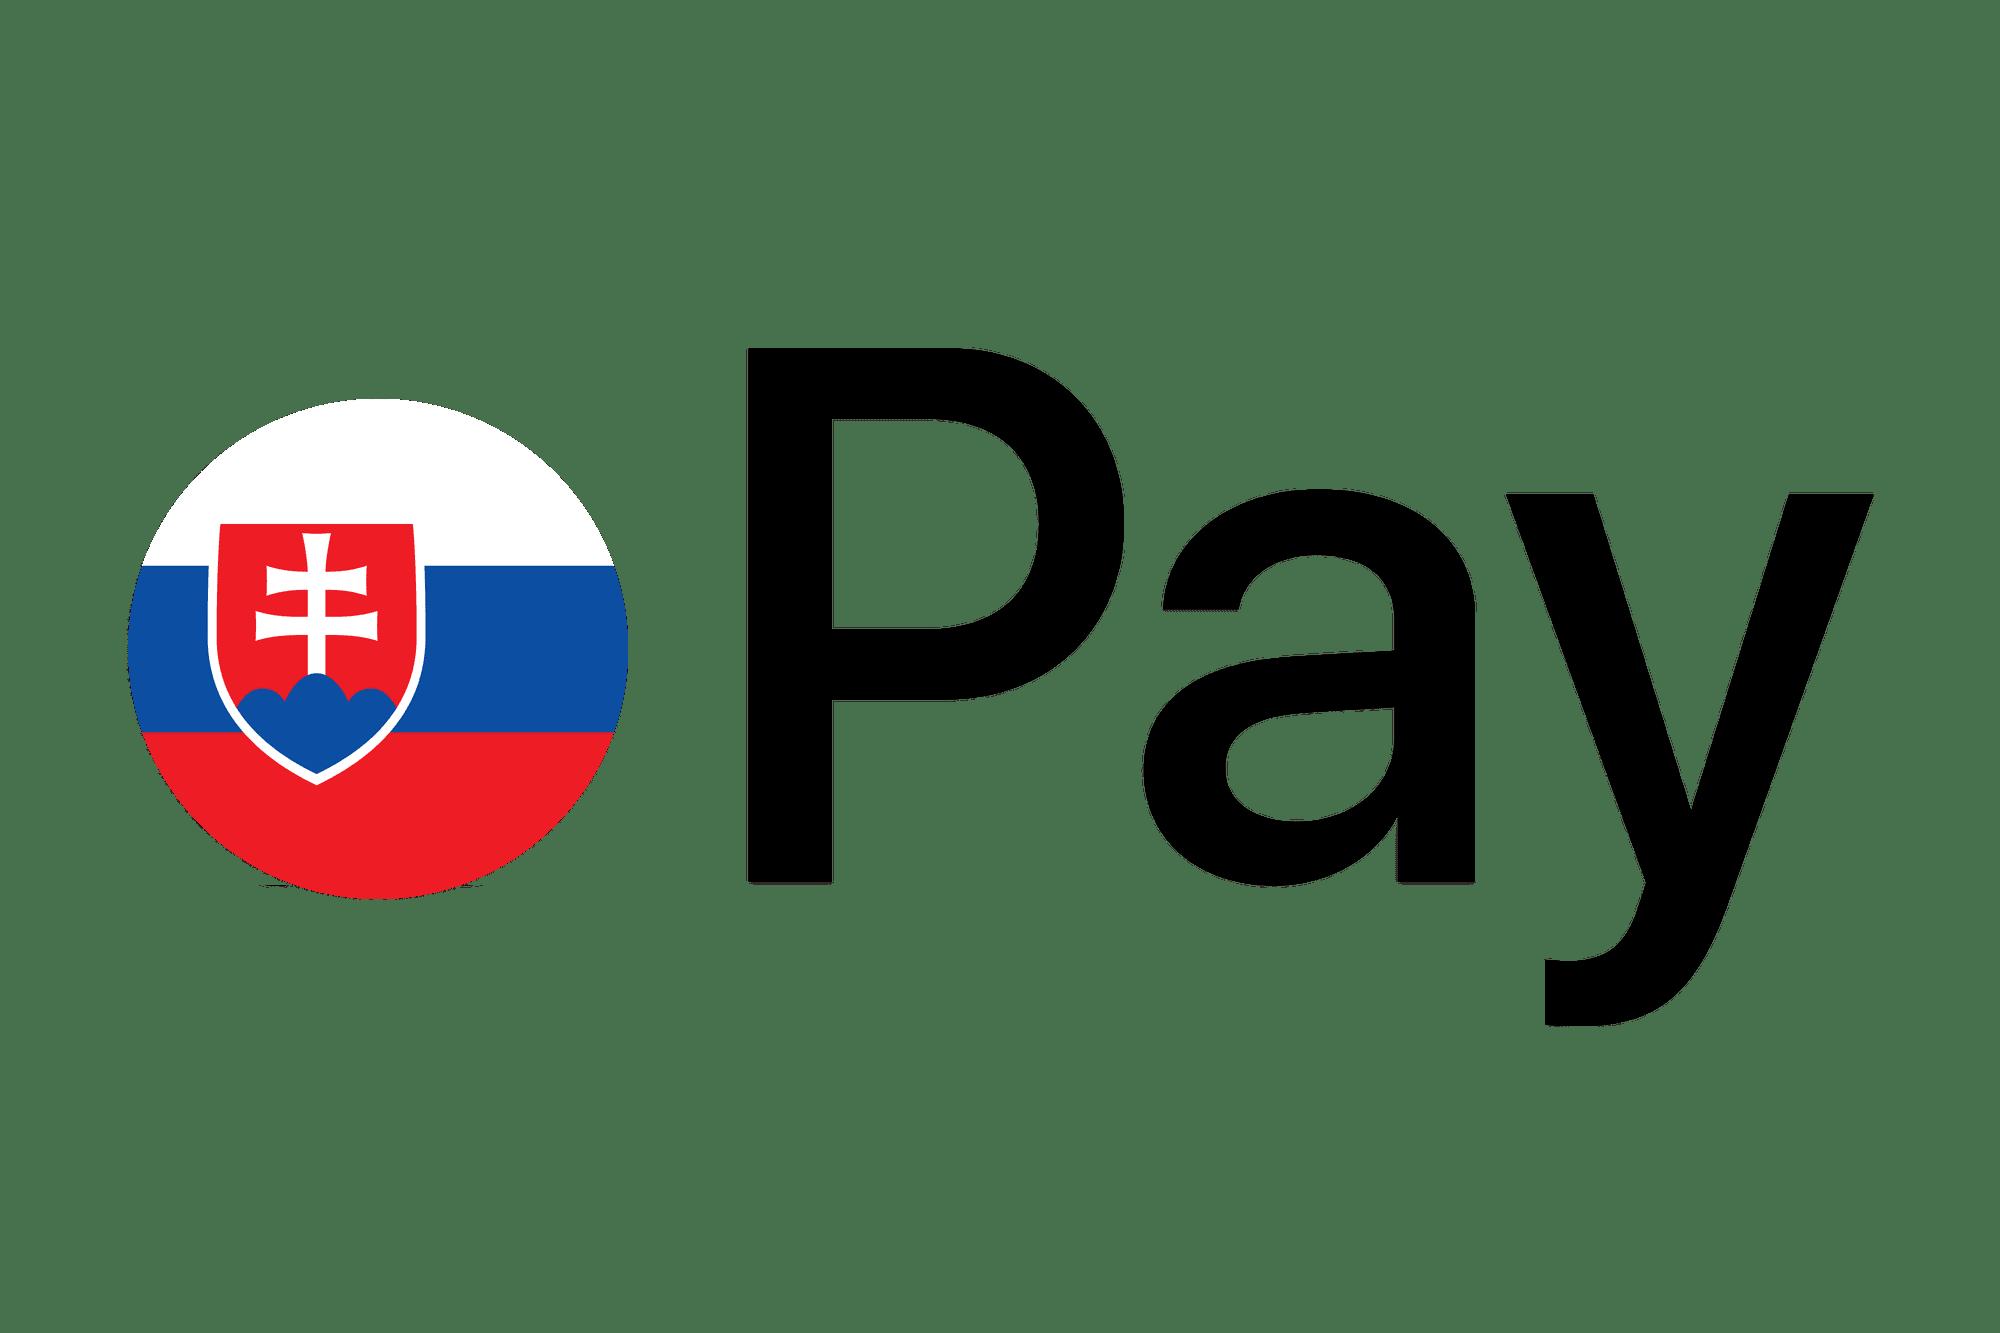 apple pay slovensko3 - Apple Pay je dostupné na Slovensku!